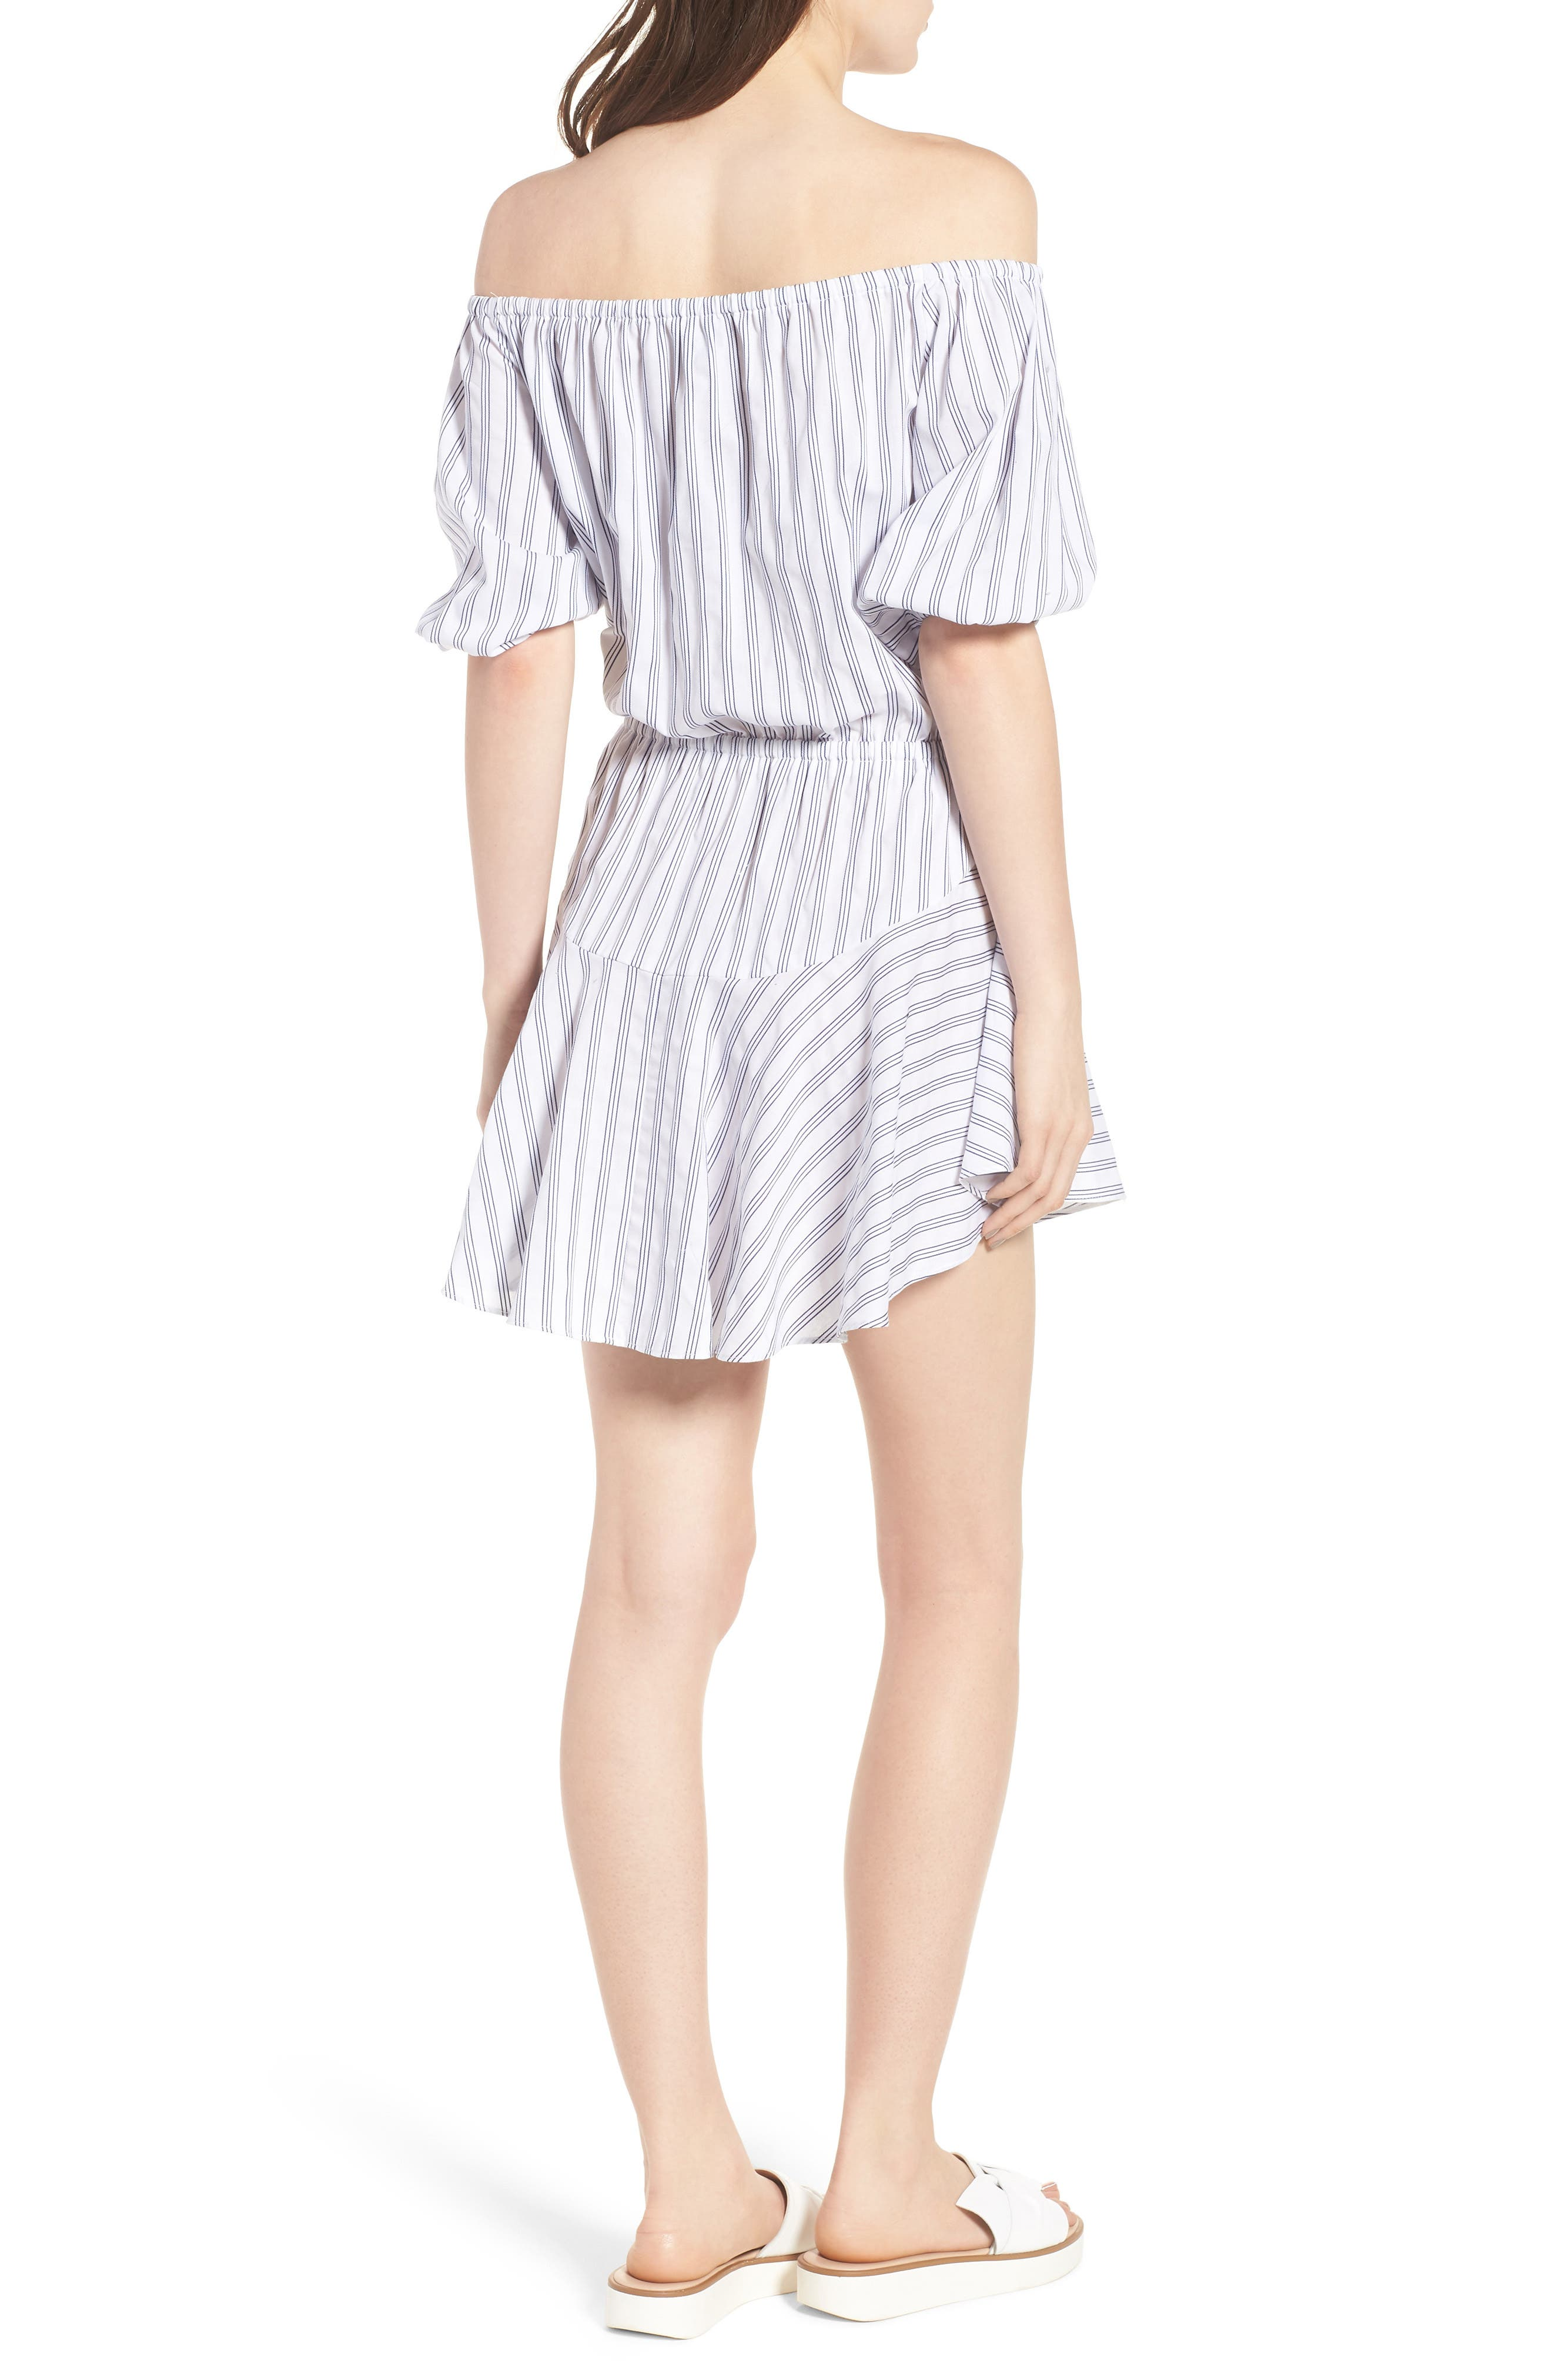 Barbados Stripe Off the Shoulder Dress,                             Alternate thumbnail 2, color,                             400